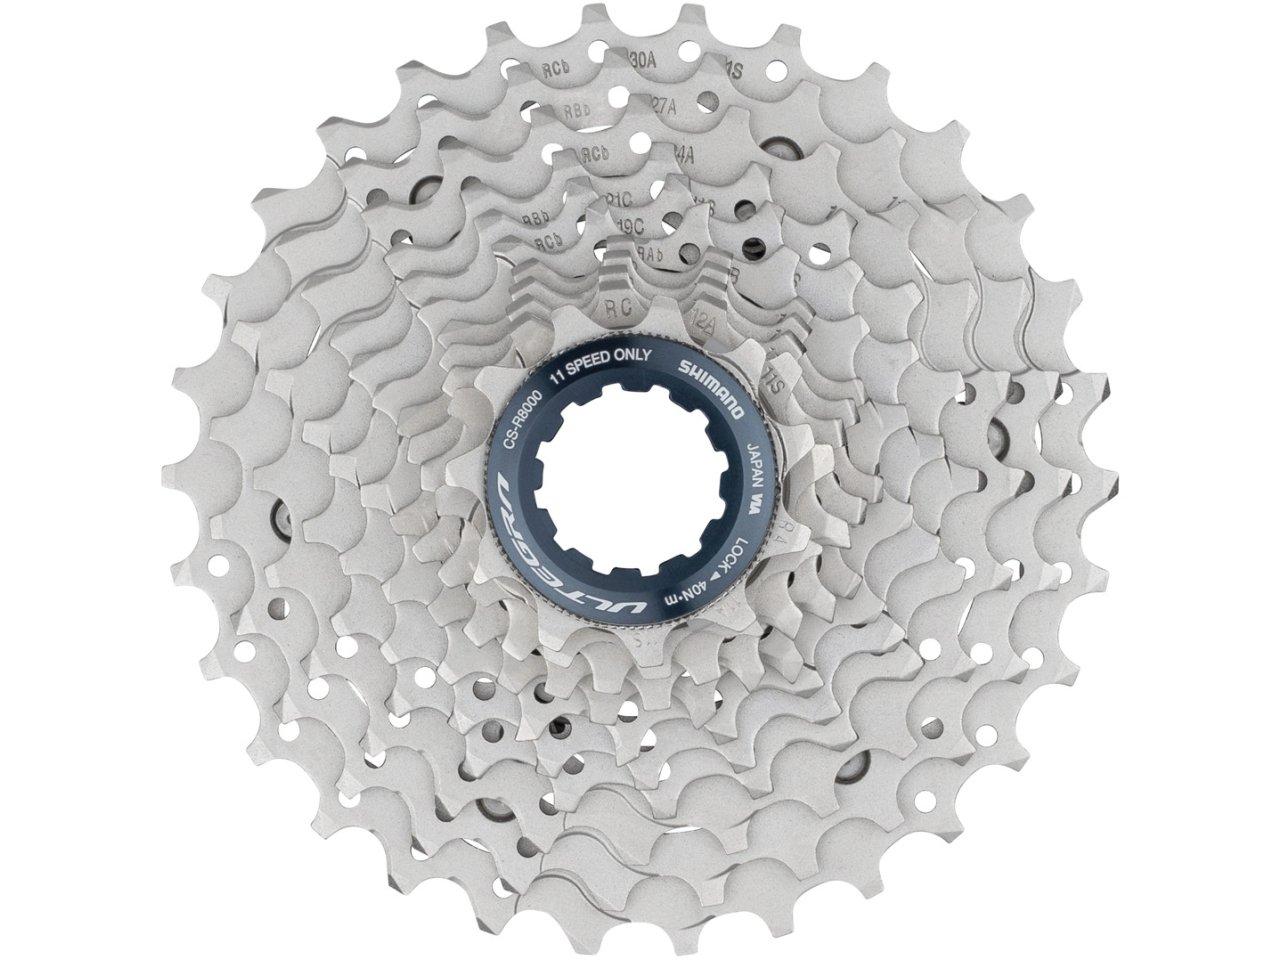 NEW Shimano Ultegra CS-R8000 Road Bike Cassette Sprocket 11-28 11s